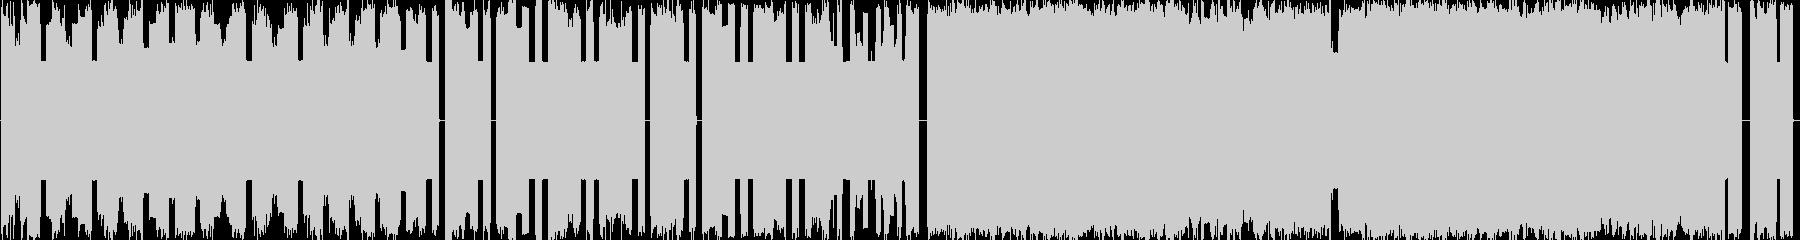 ファミコン系ループピコピコ曲フィールド系の未再生の波形